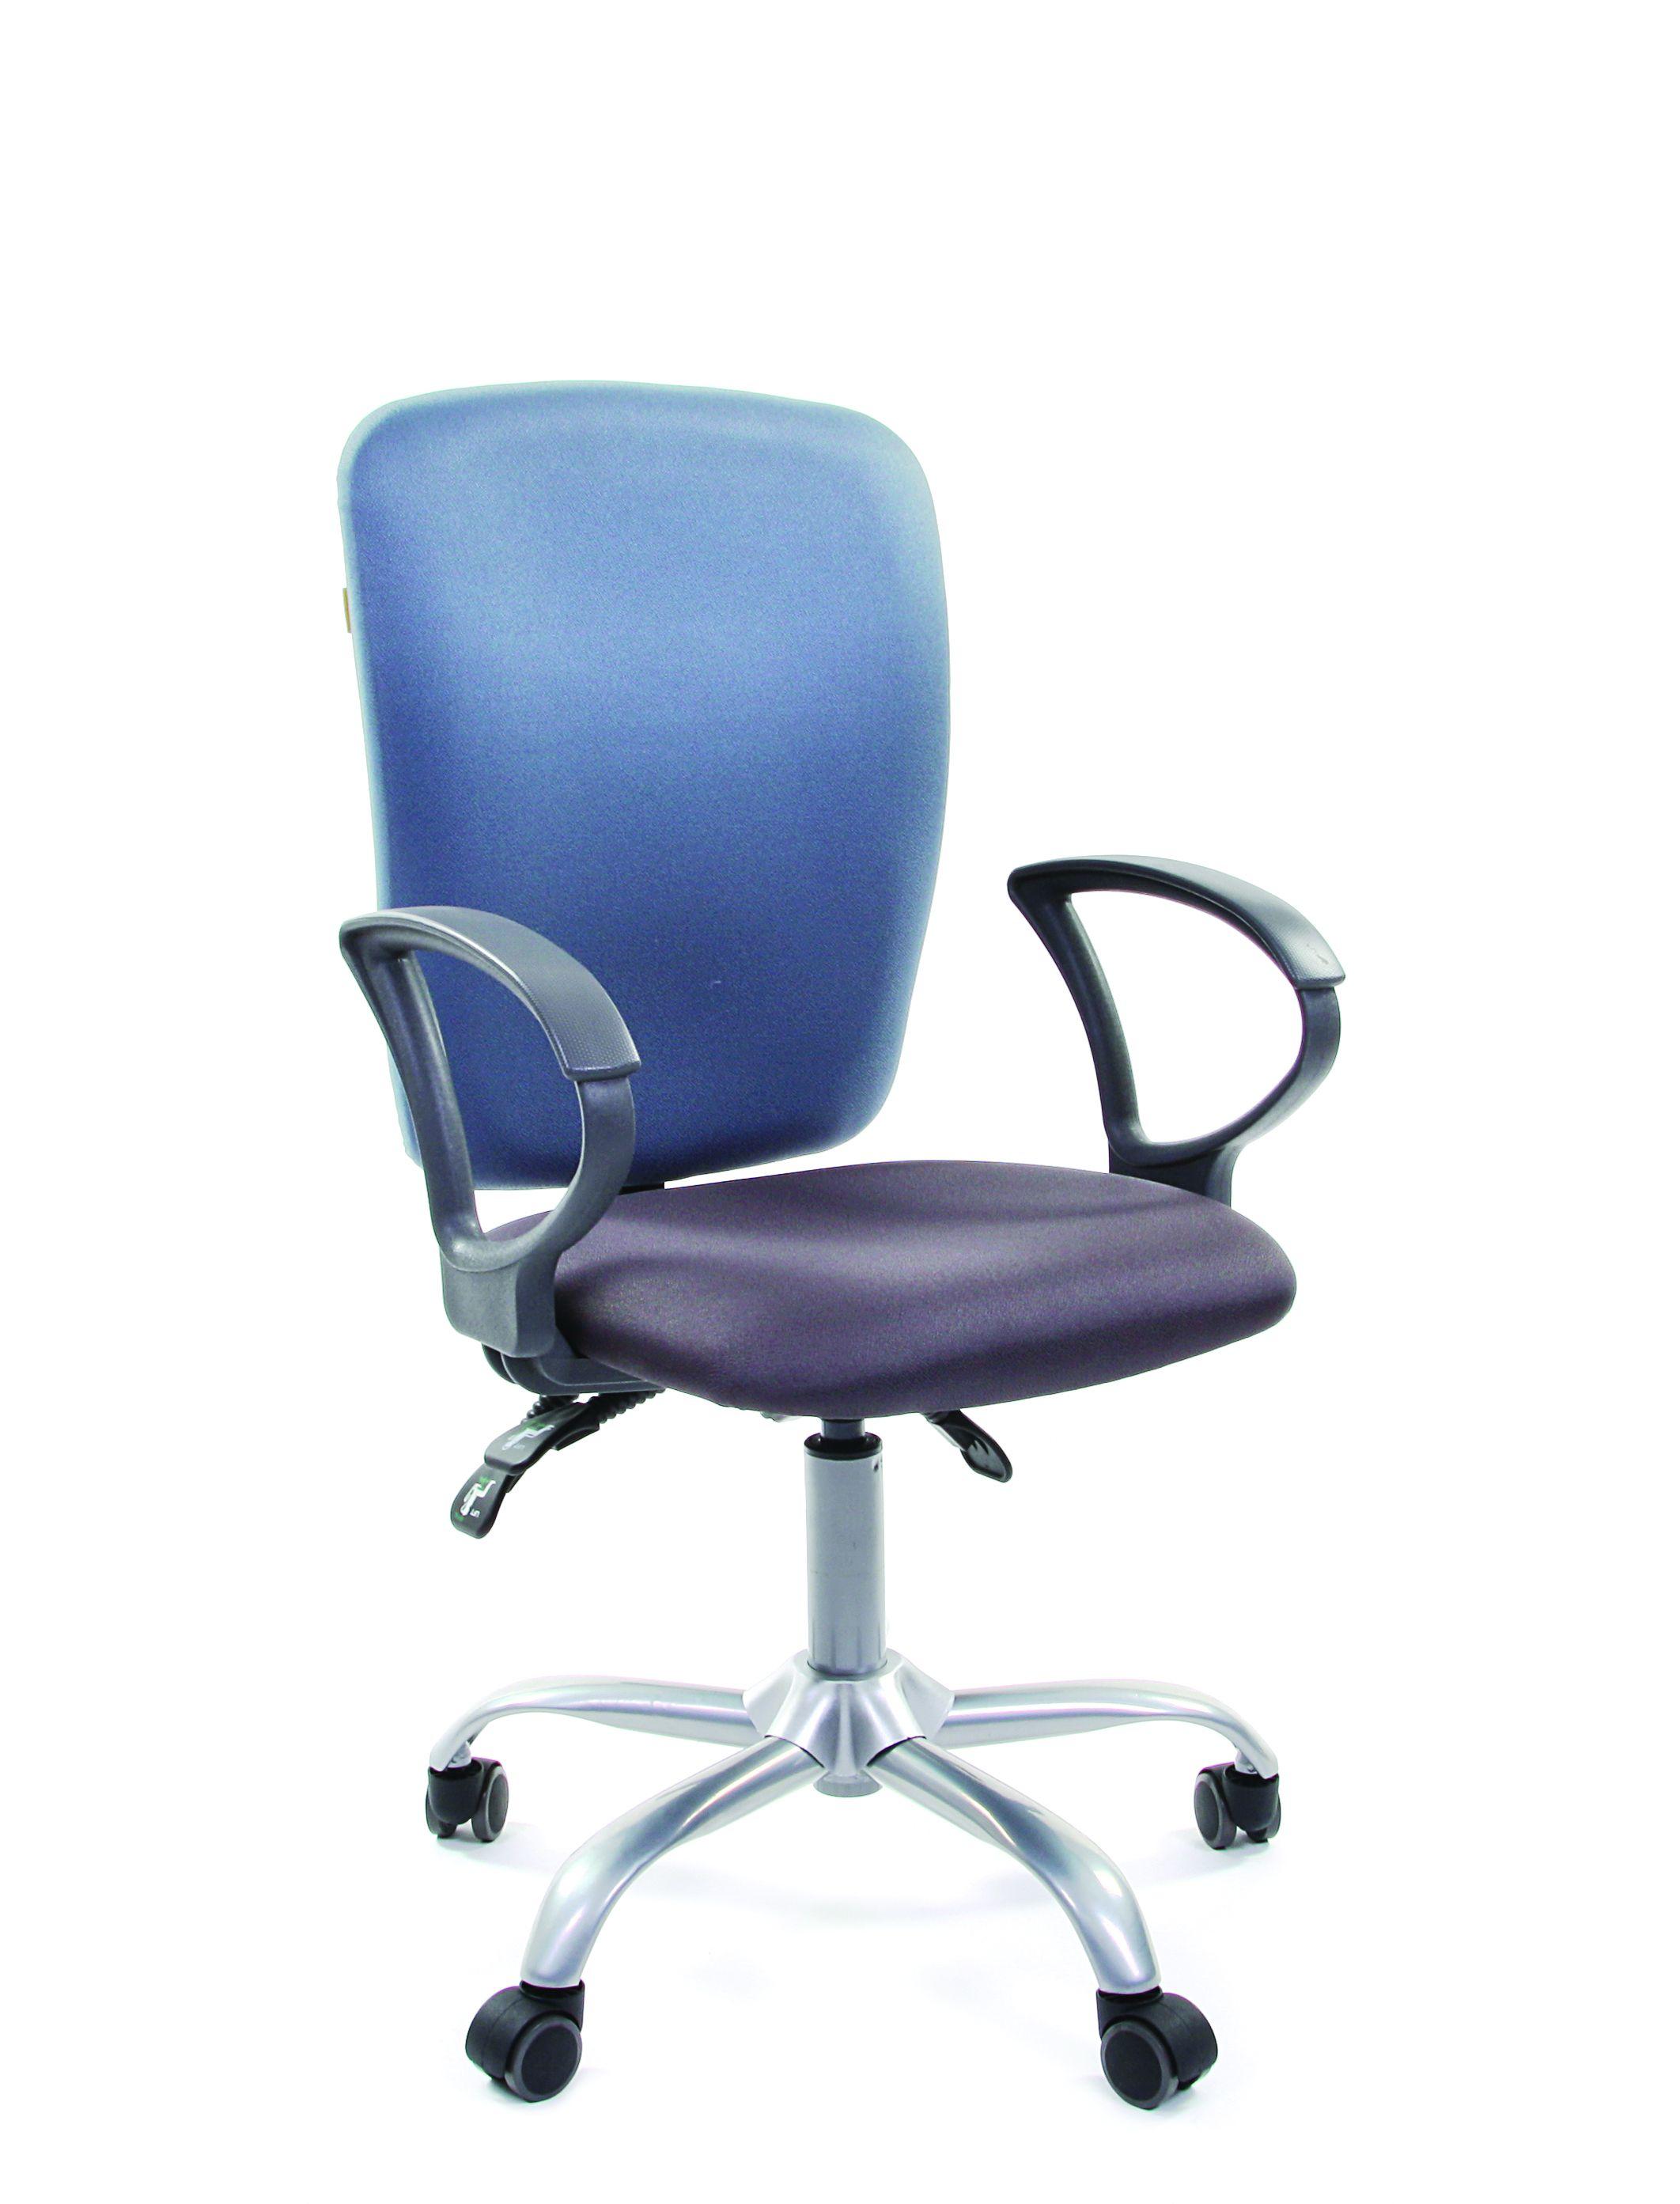 Biuro kėdė SANTA FE 9801